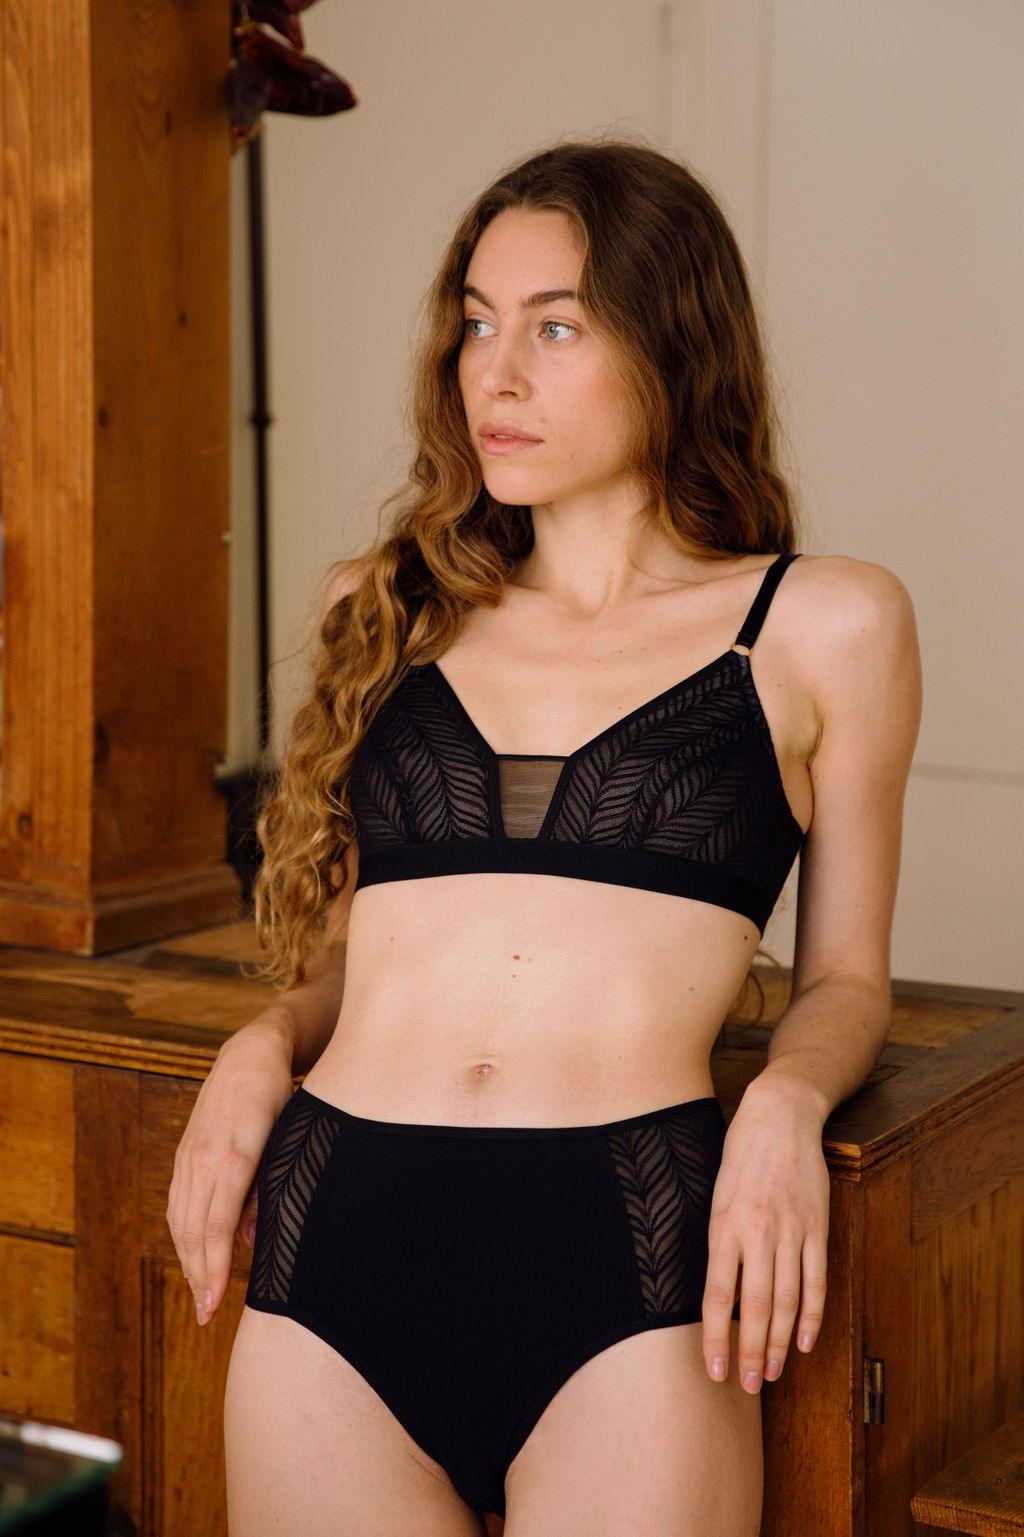 LOLO Paris - soutien-gorge sans armatures culotte taille haute dentelle recyclée porté par Elvira de face contre meuble pensive